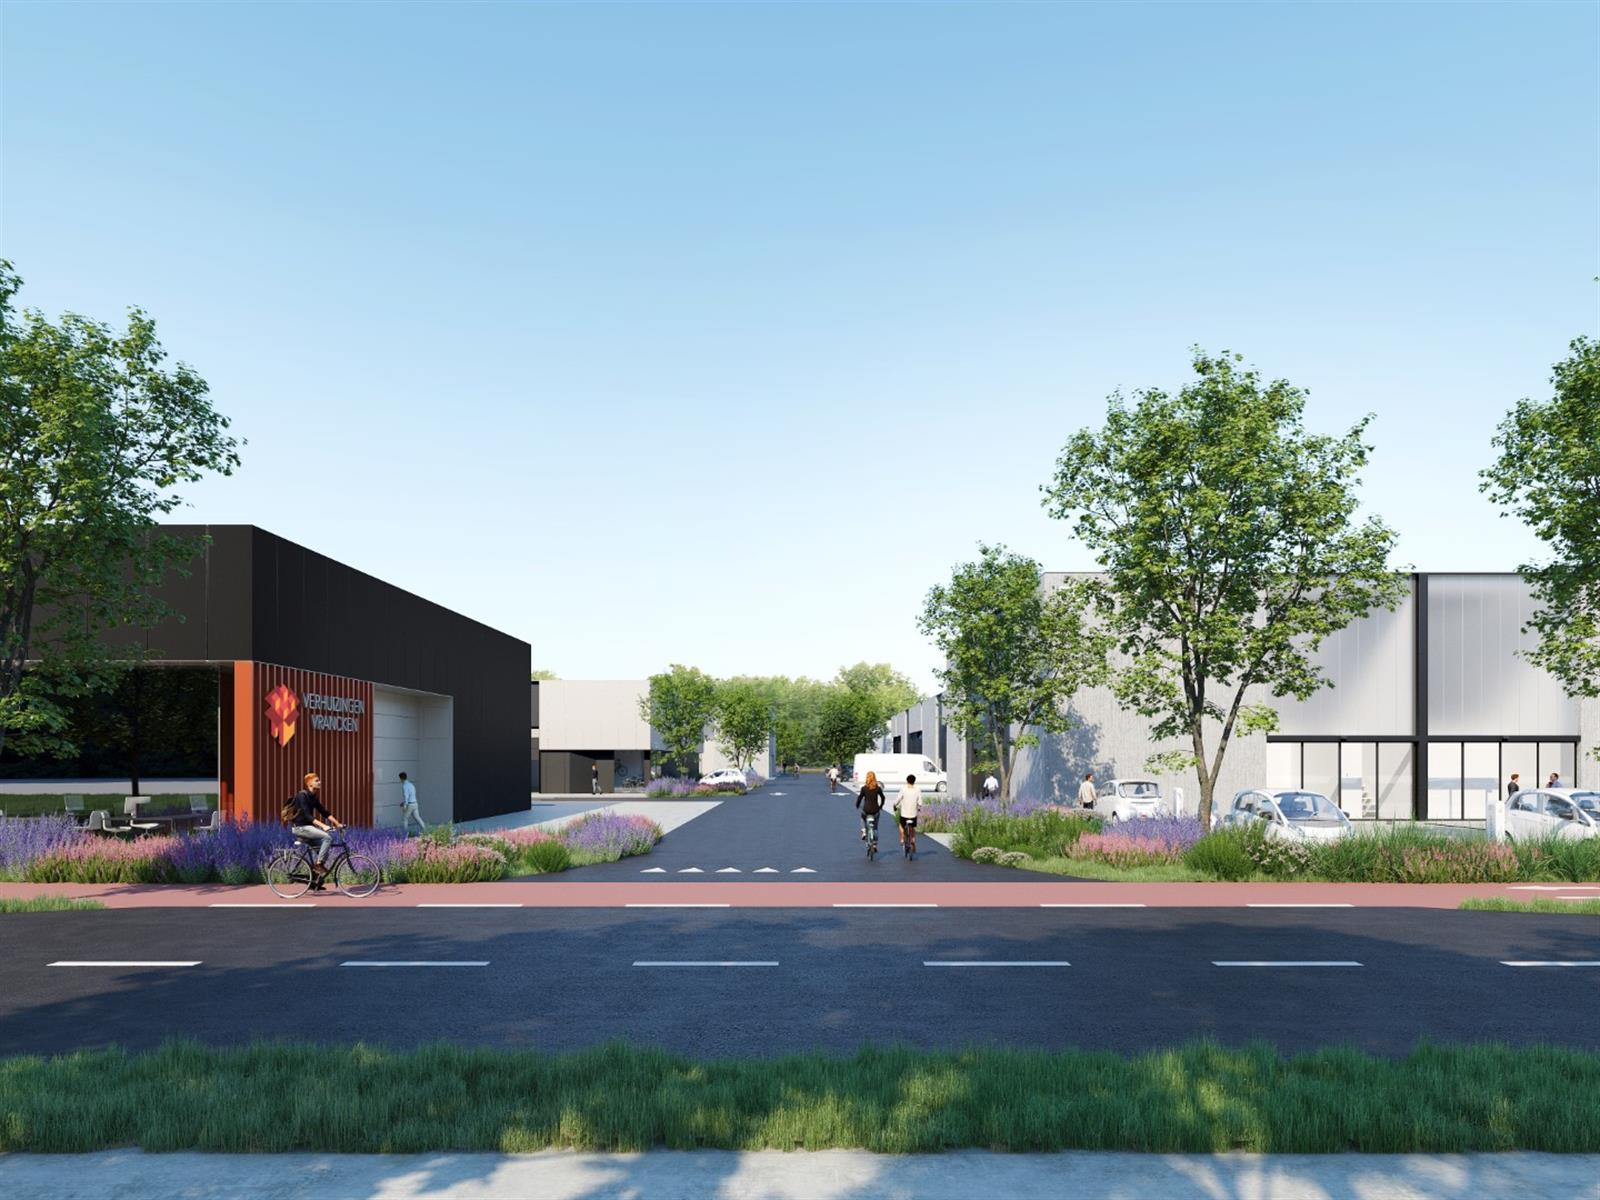 KMO-unit te koop Heros Businesspark KMO Unit 10 - Herkenrodesingel 10, 3500 Hasselt, België 1